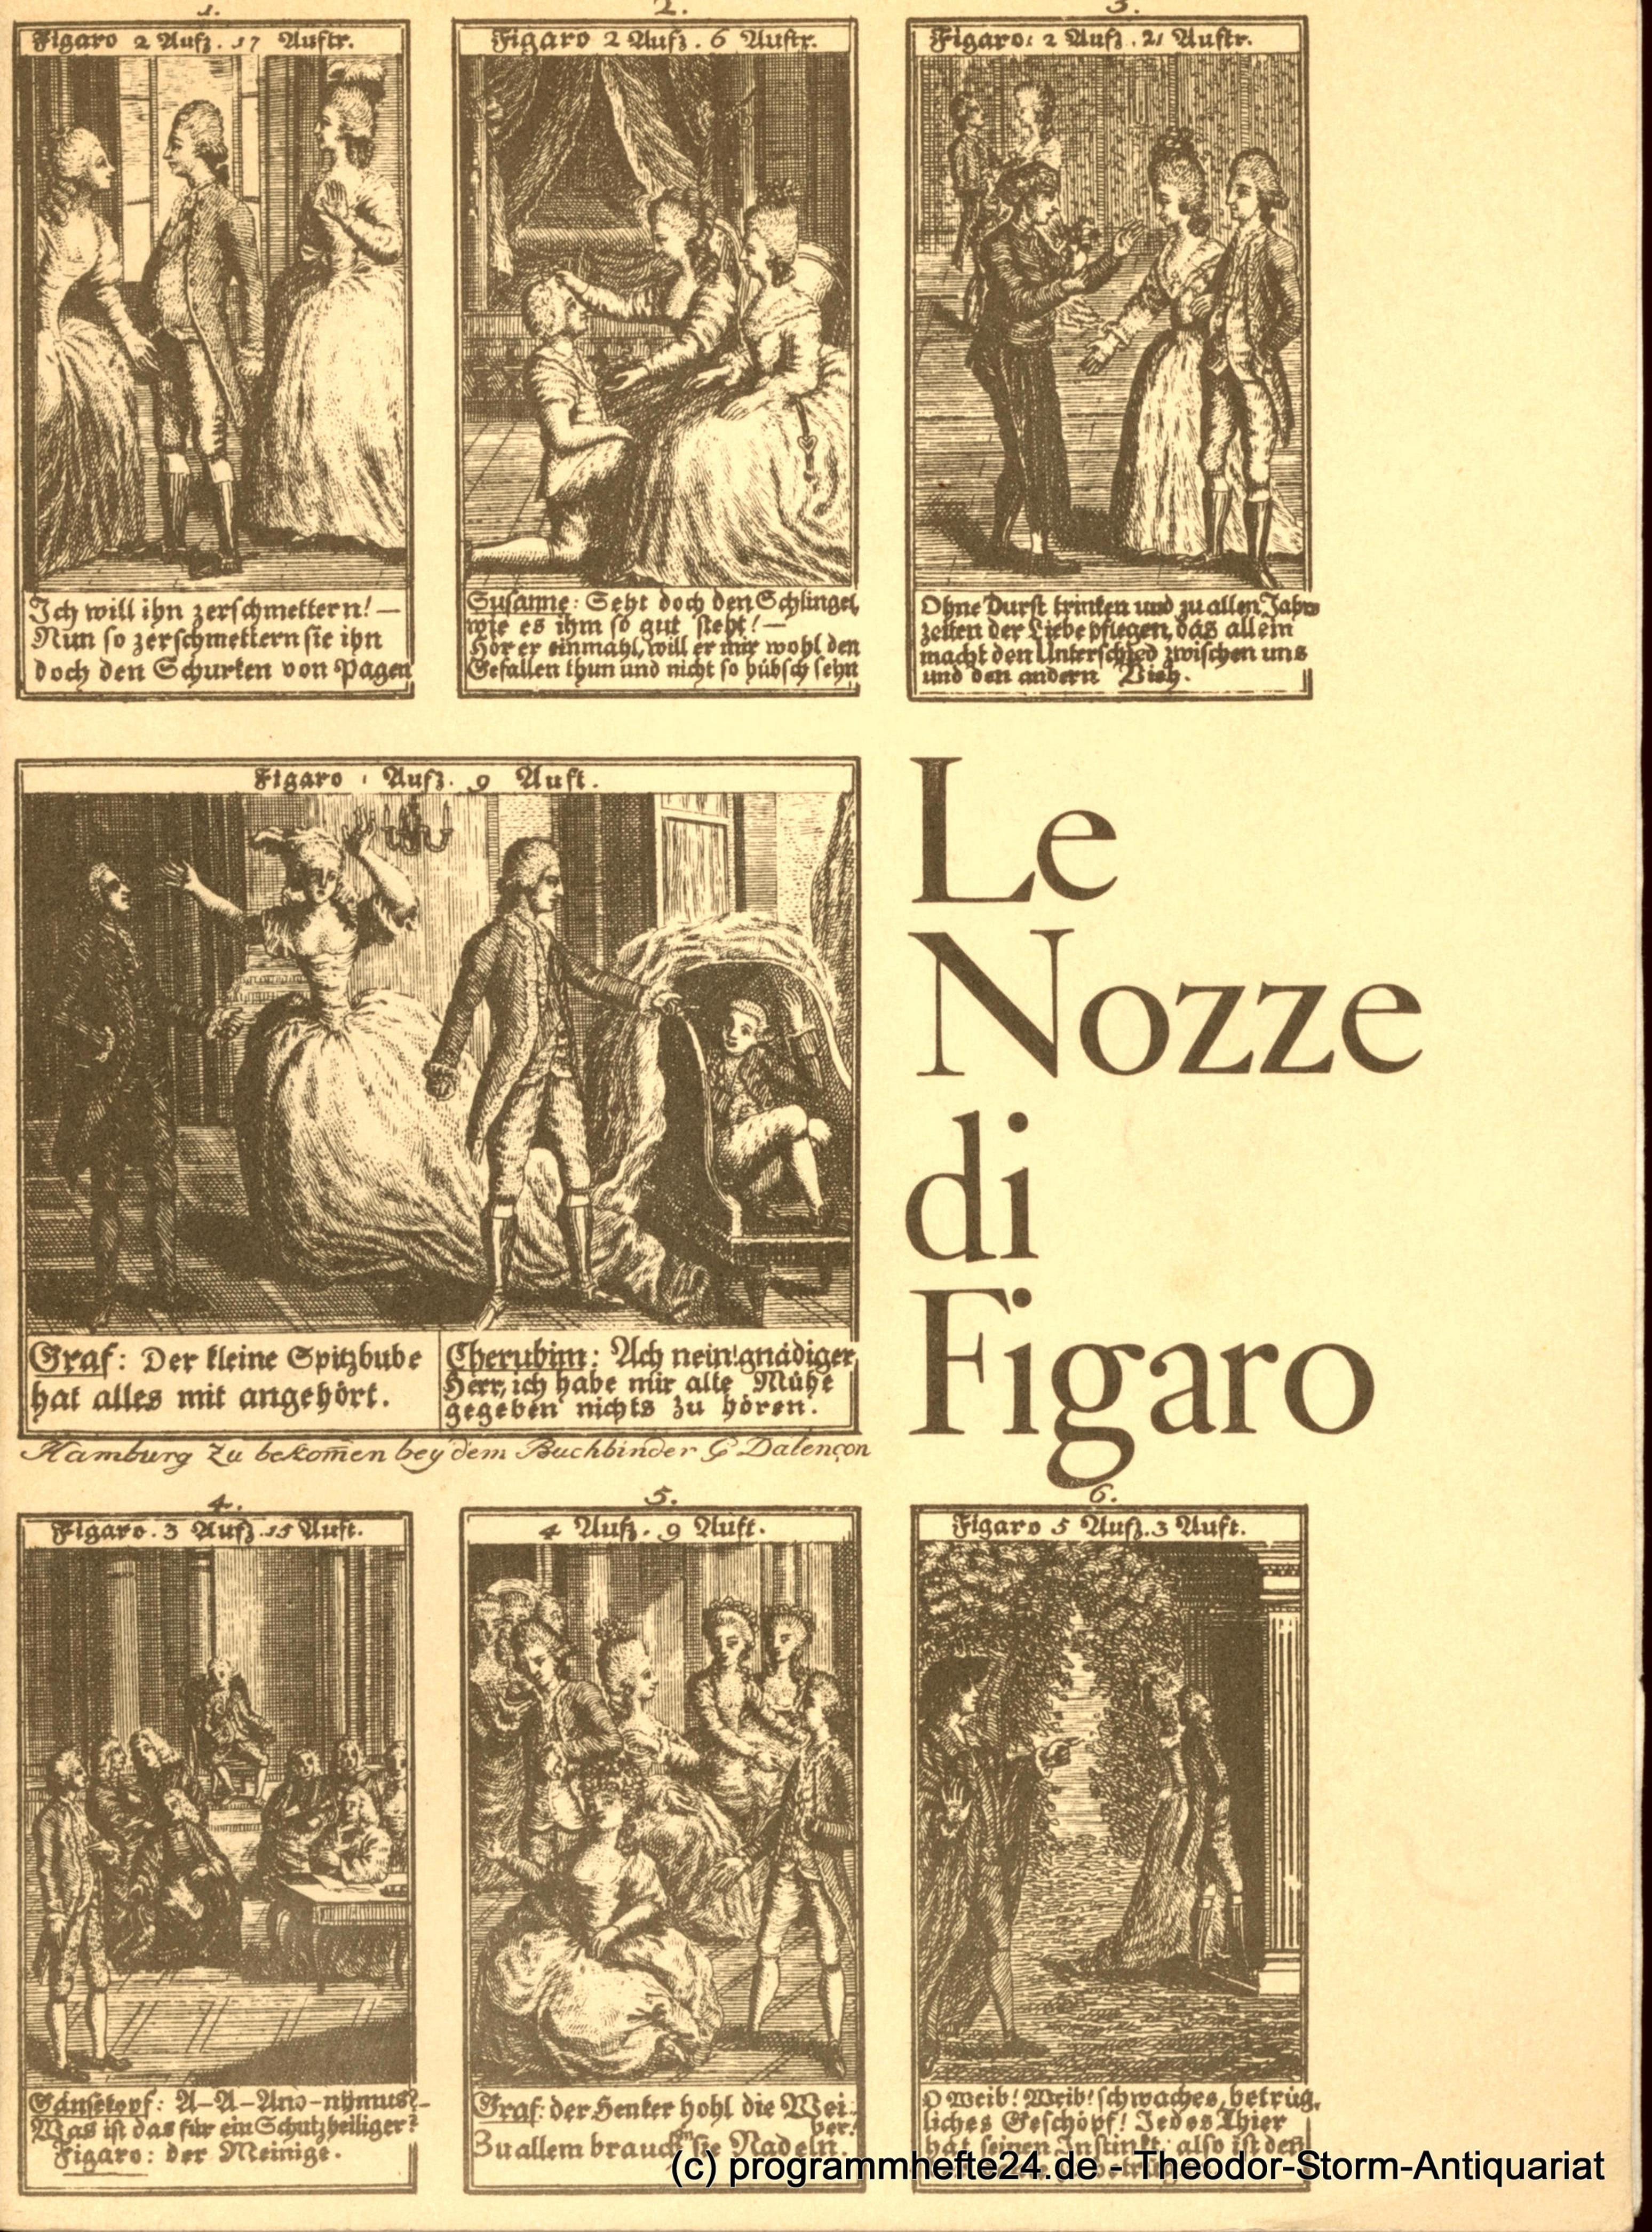 Programmheft Die Hochzeit des Figaro 21 Dezember 1974 Hamburgische Staatsoper, E